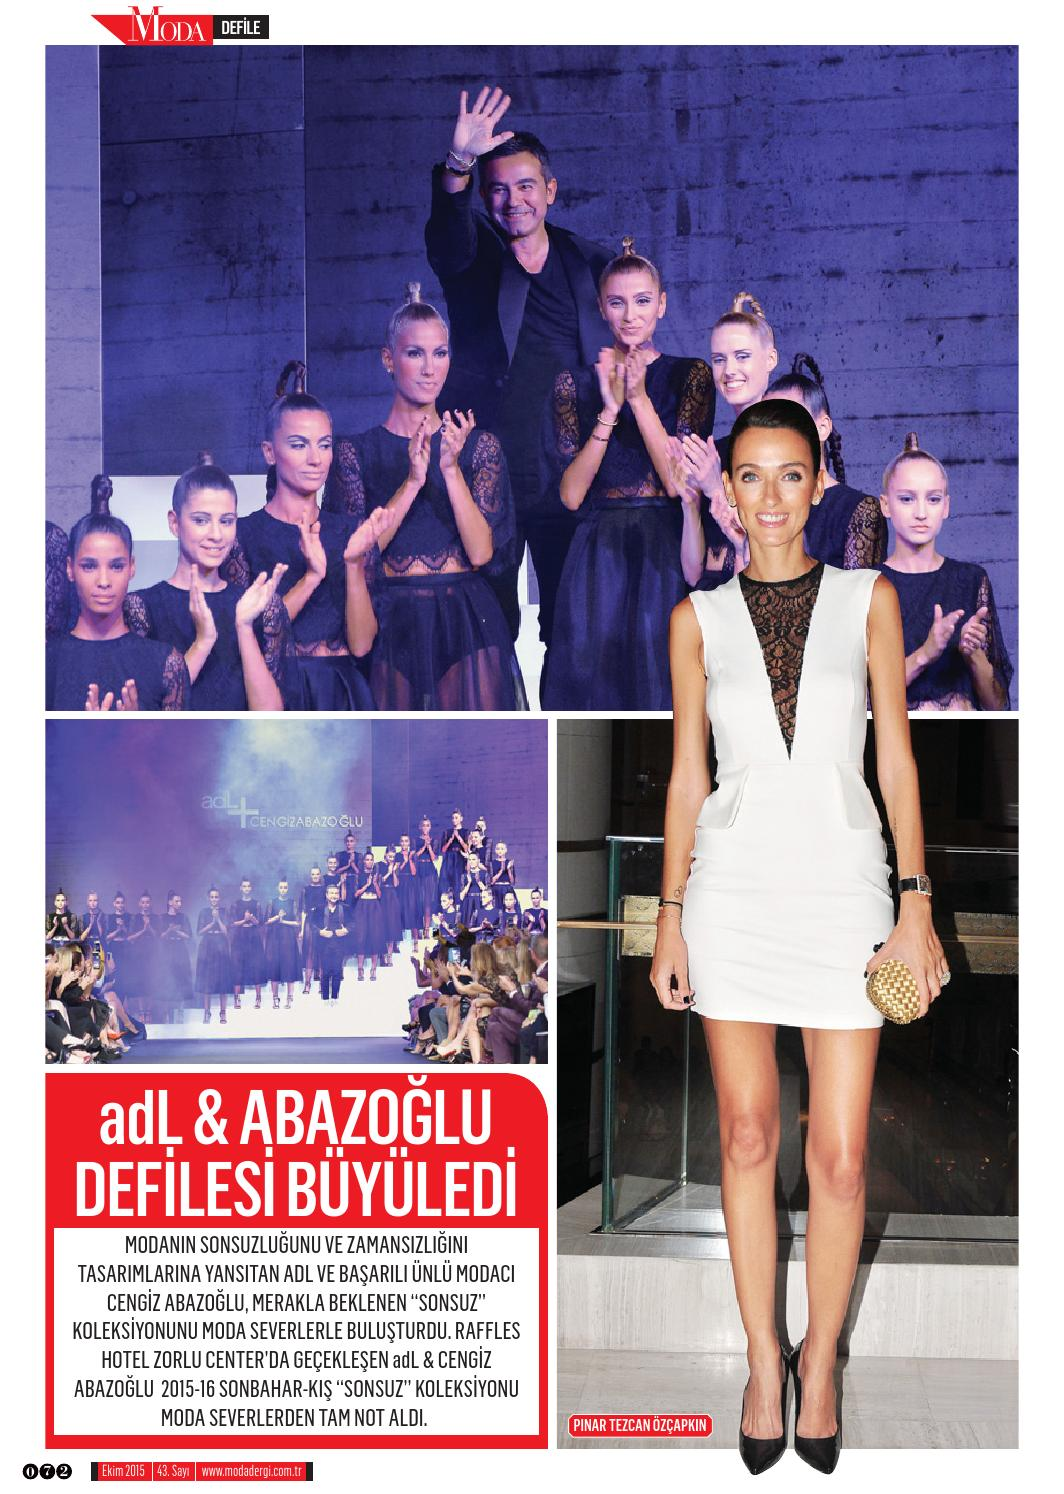 Adl cengiz abazoğlu 2013 katalog